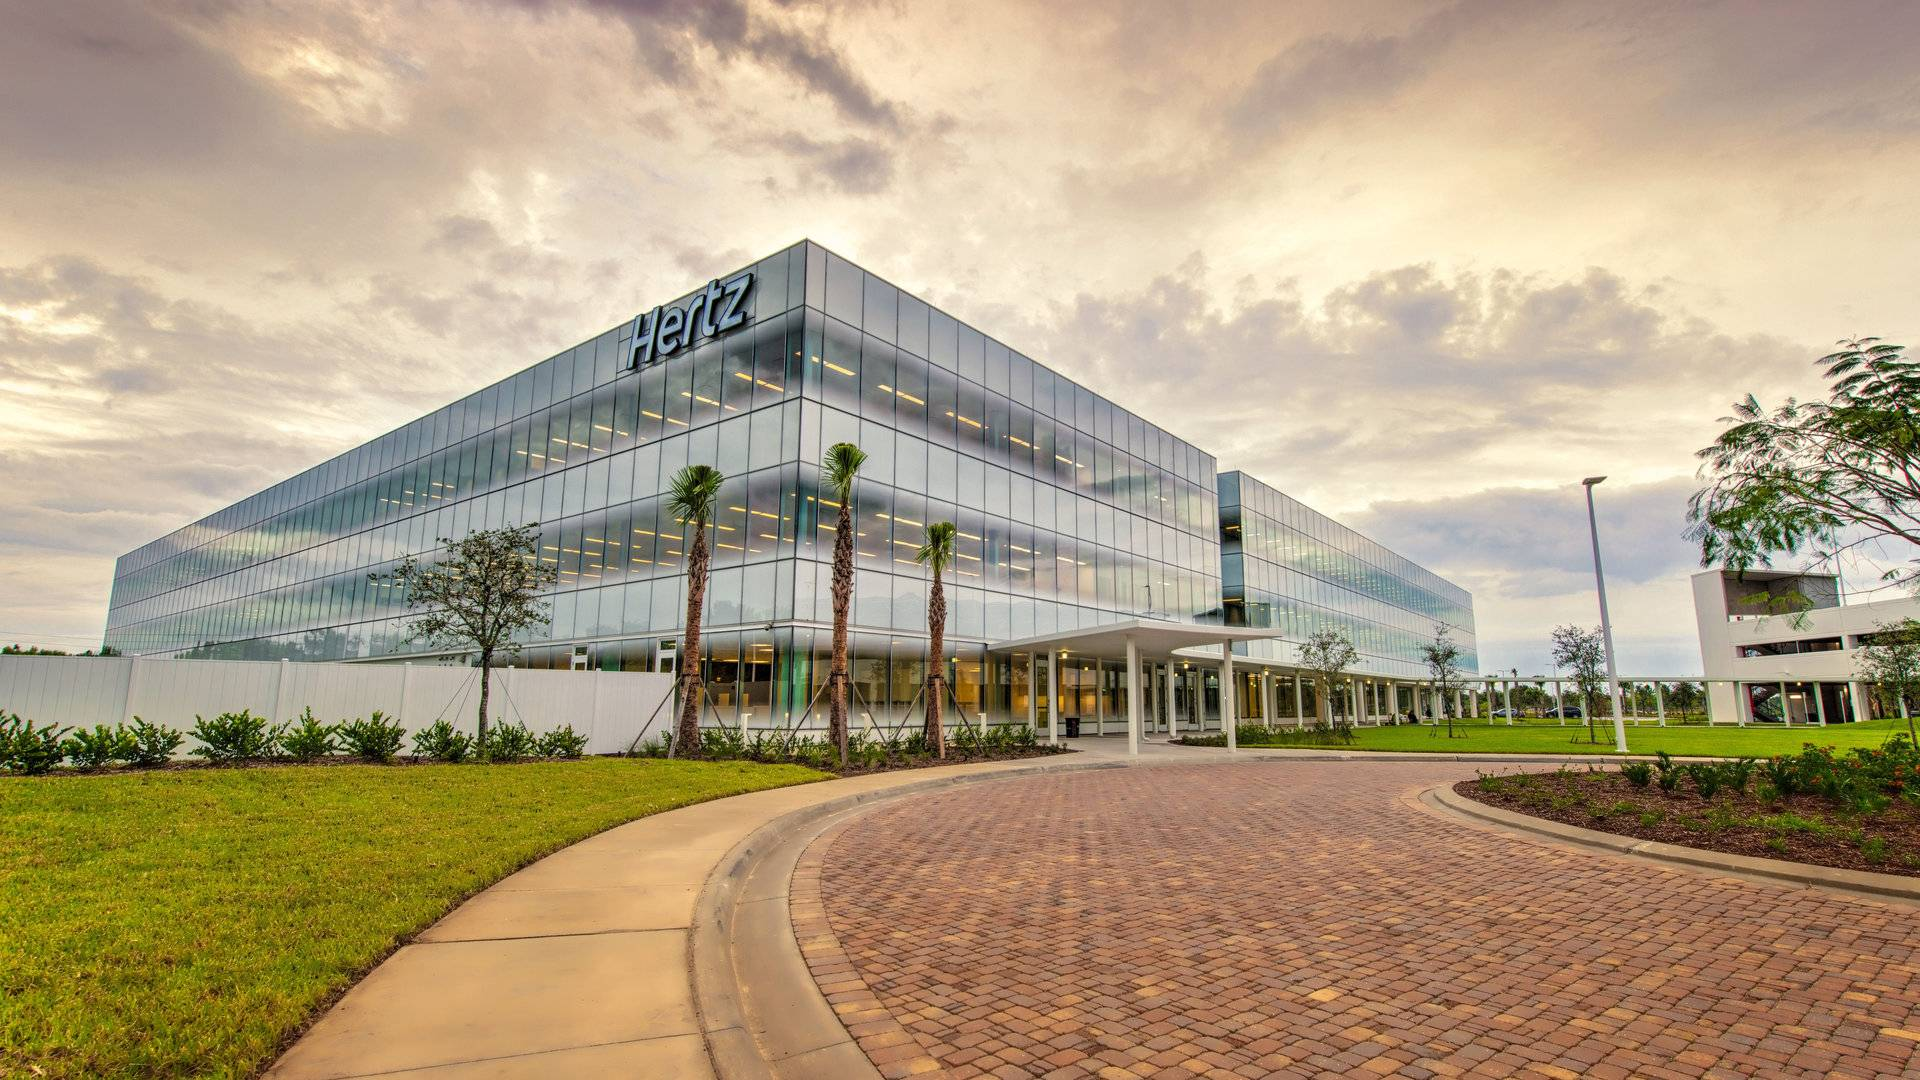 Hertz acumula una deuda de 17.000 millones de dólares ante el desplome de los alquileres